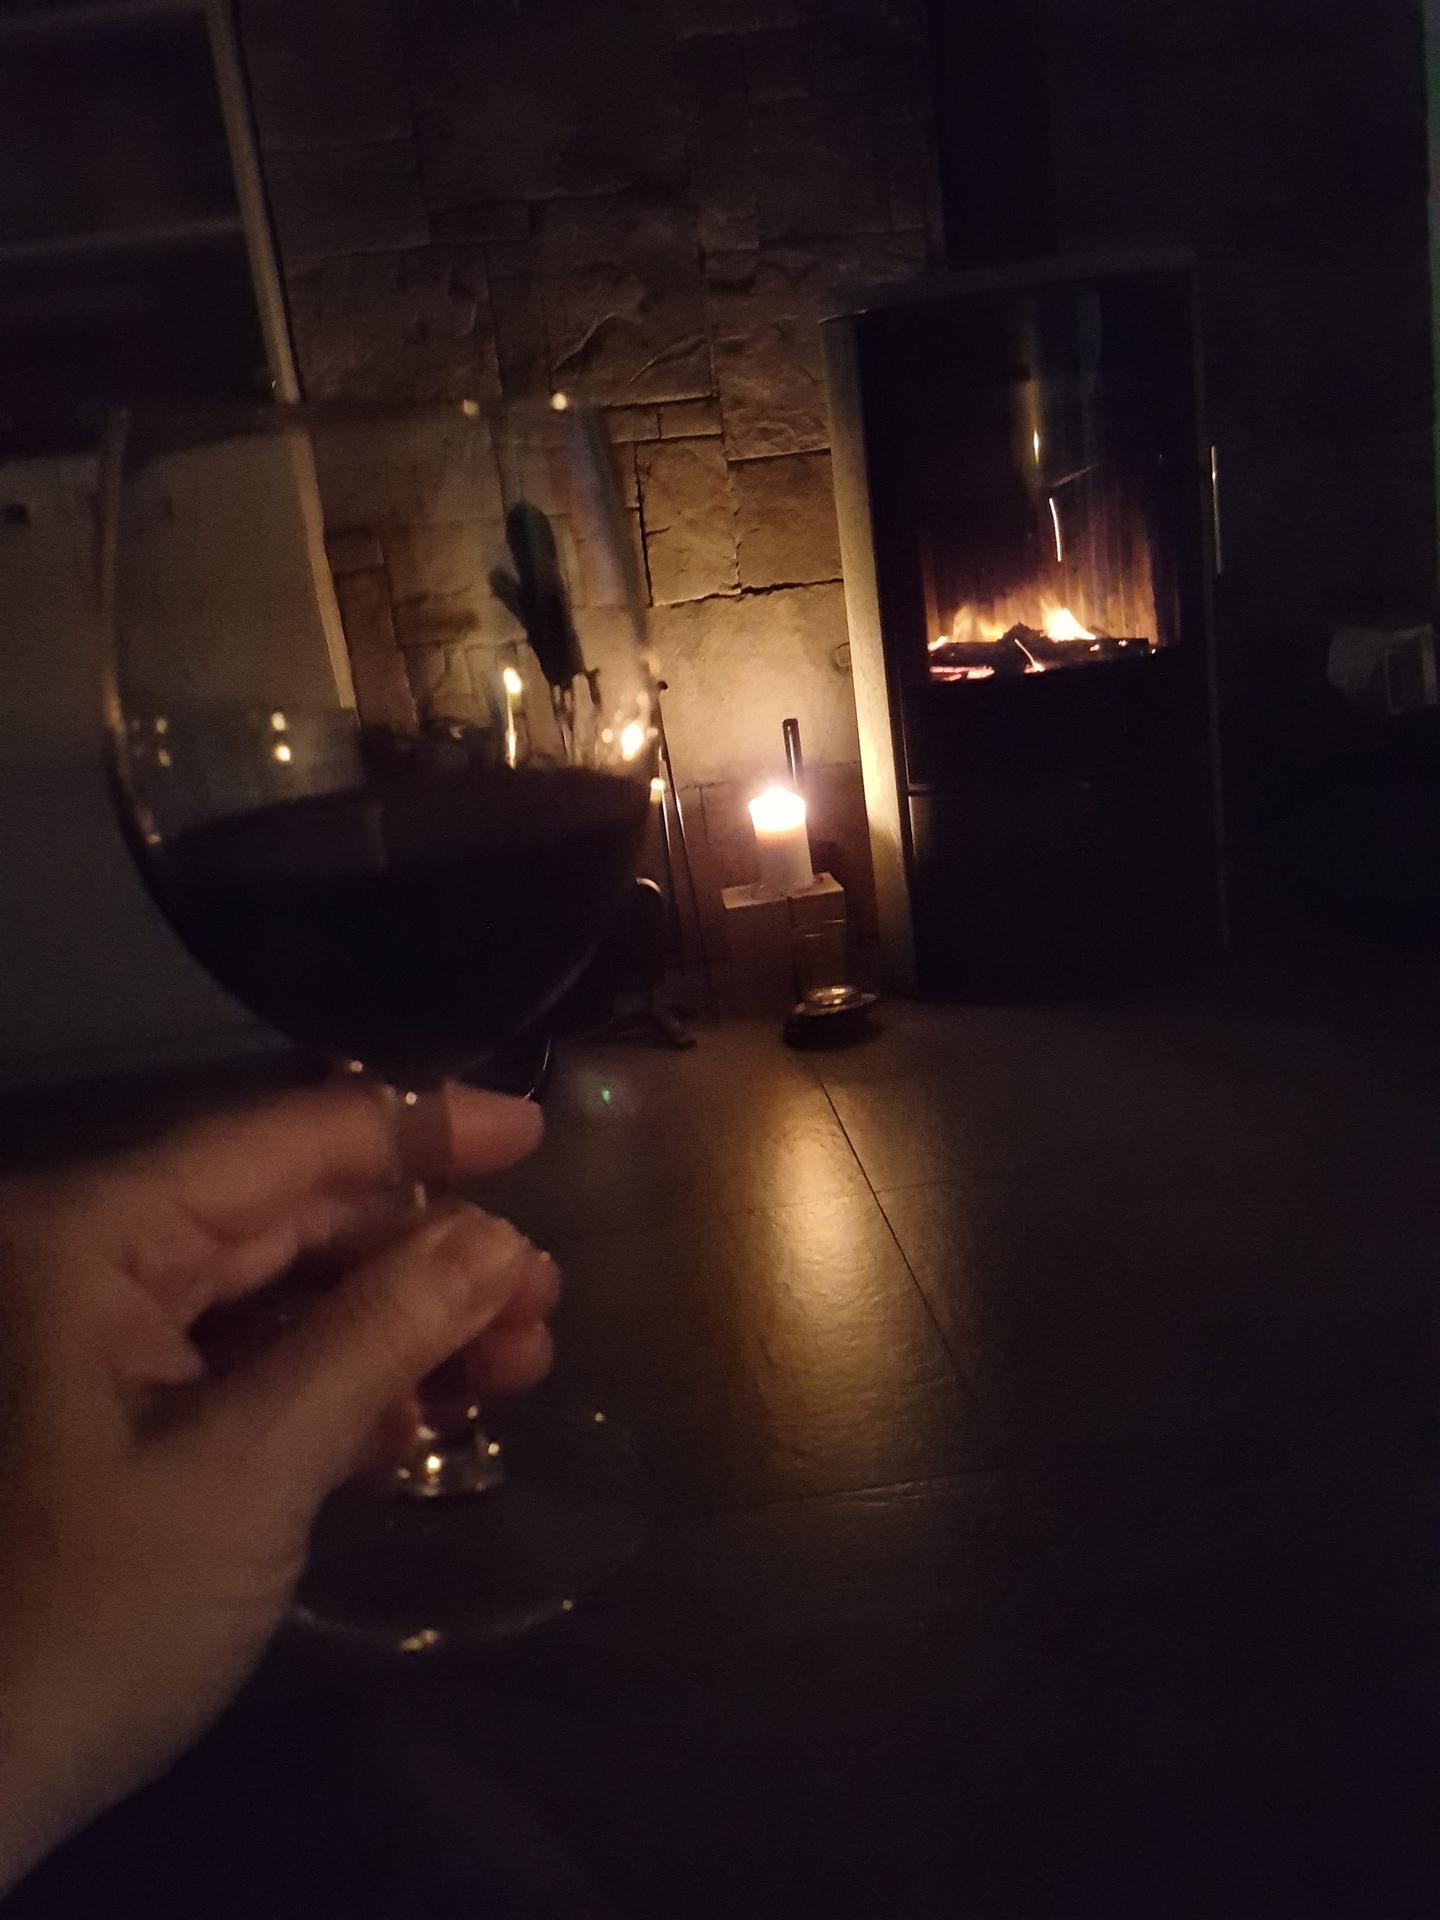 Užívám si večer. Úterní večer.. cheers všem🍷 - Obrázek č. 1